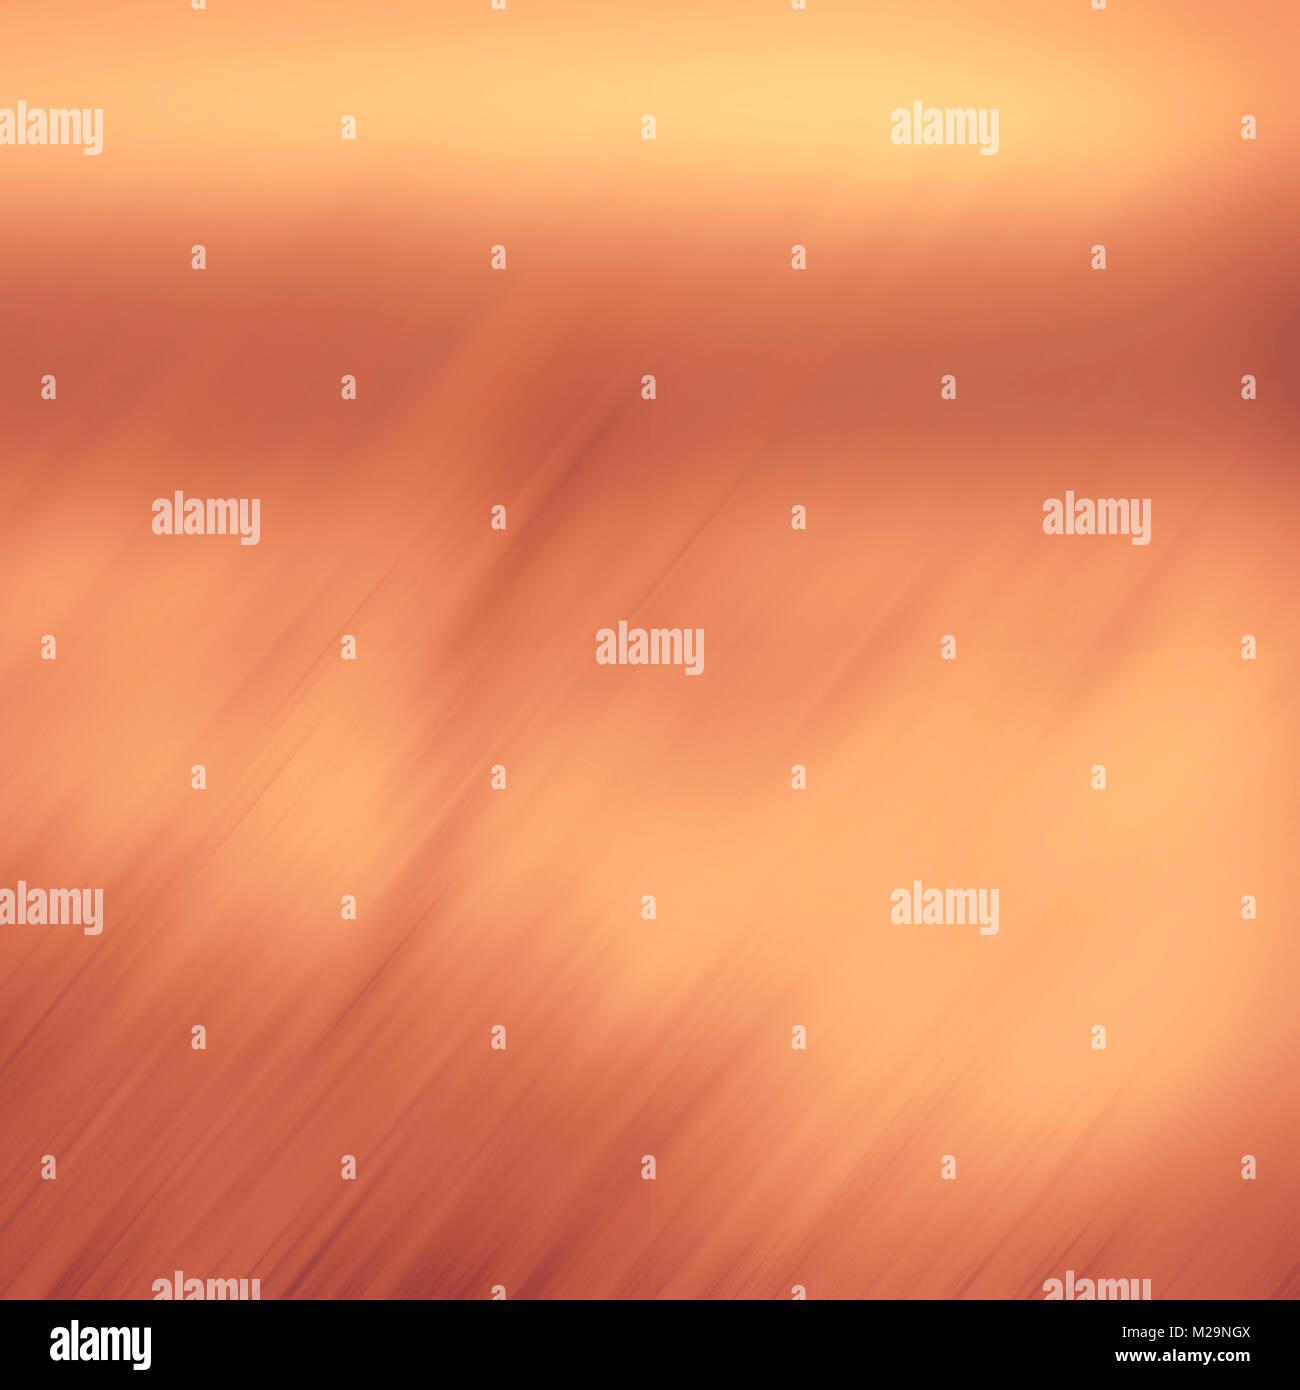 Résumé fond jaune trouble. Lignes de couleur orange en diagonale et ...